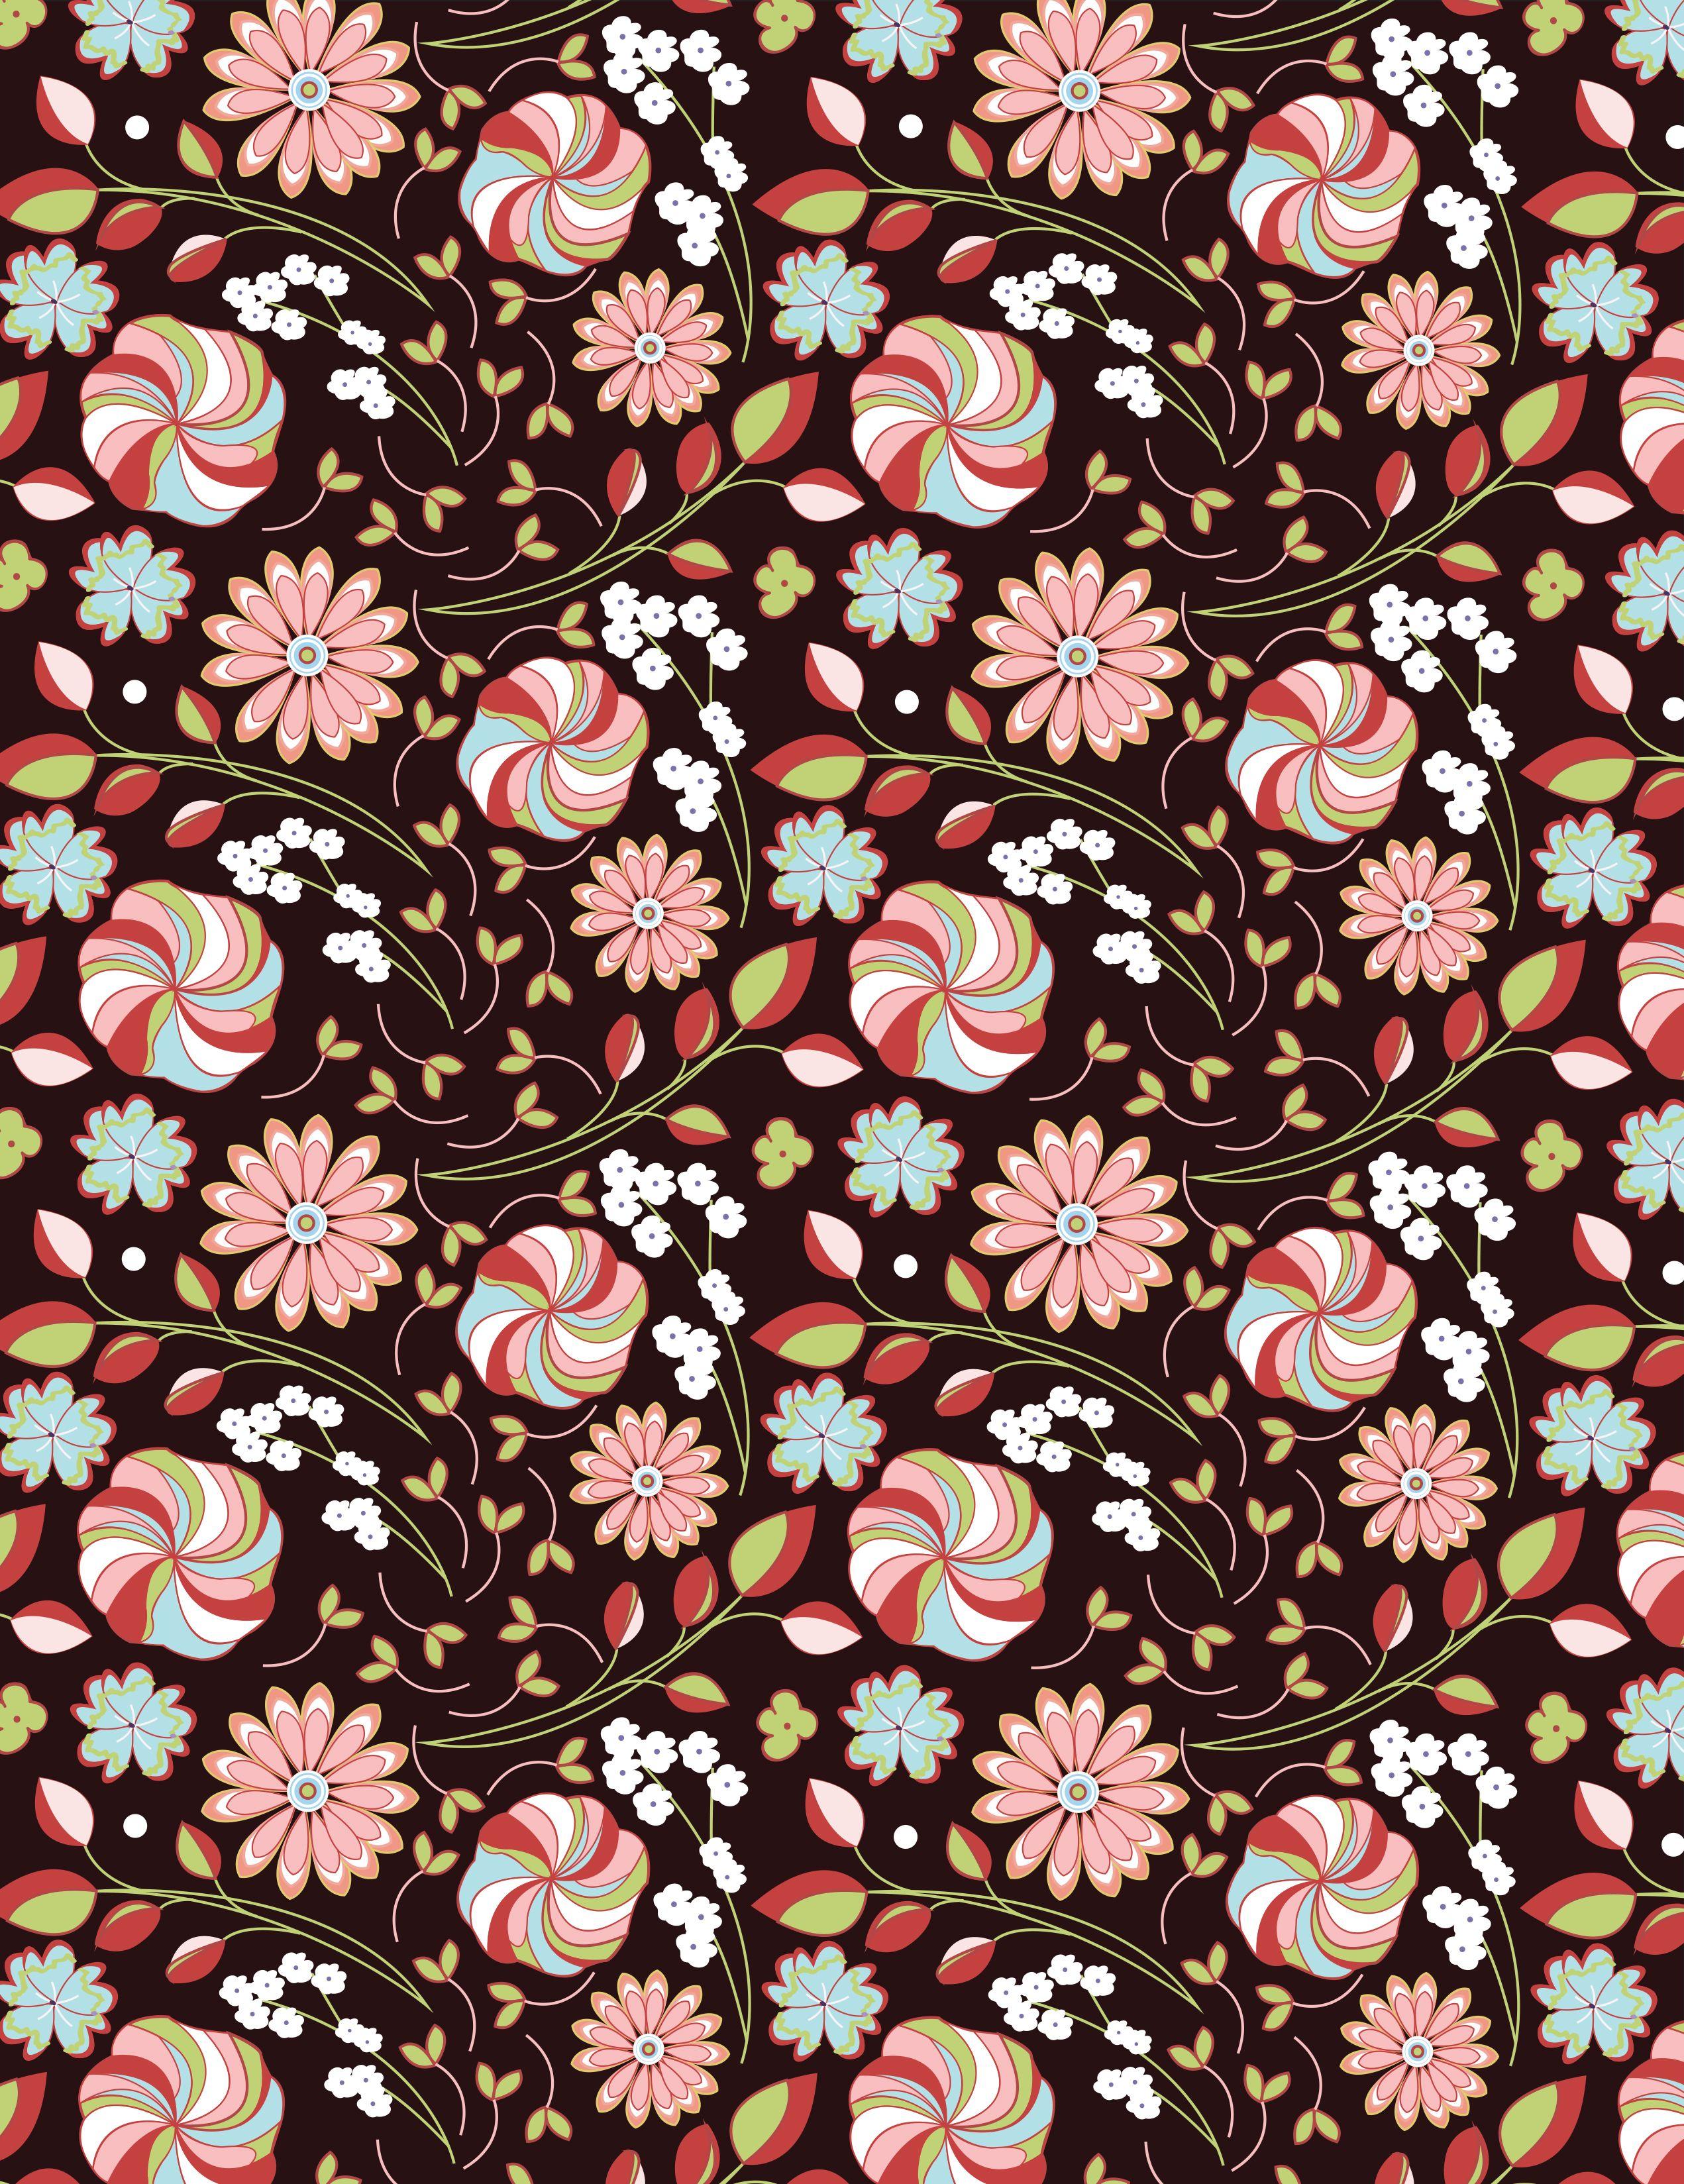 Wild garden pattern made by ack pinterest